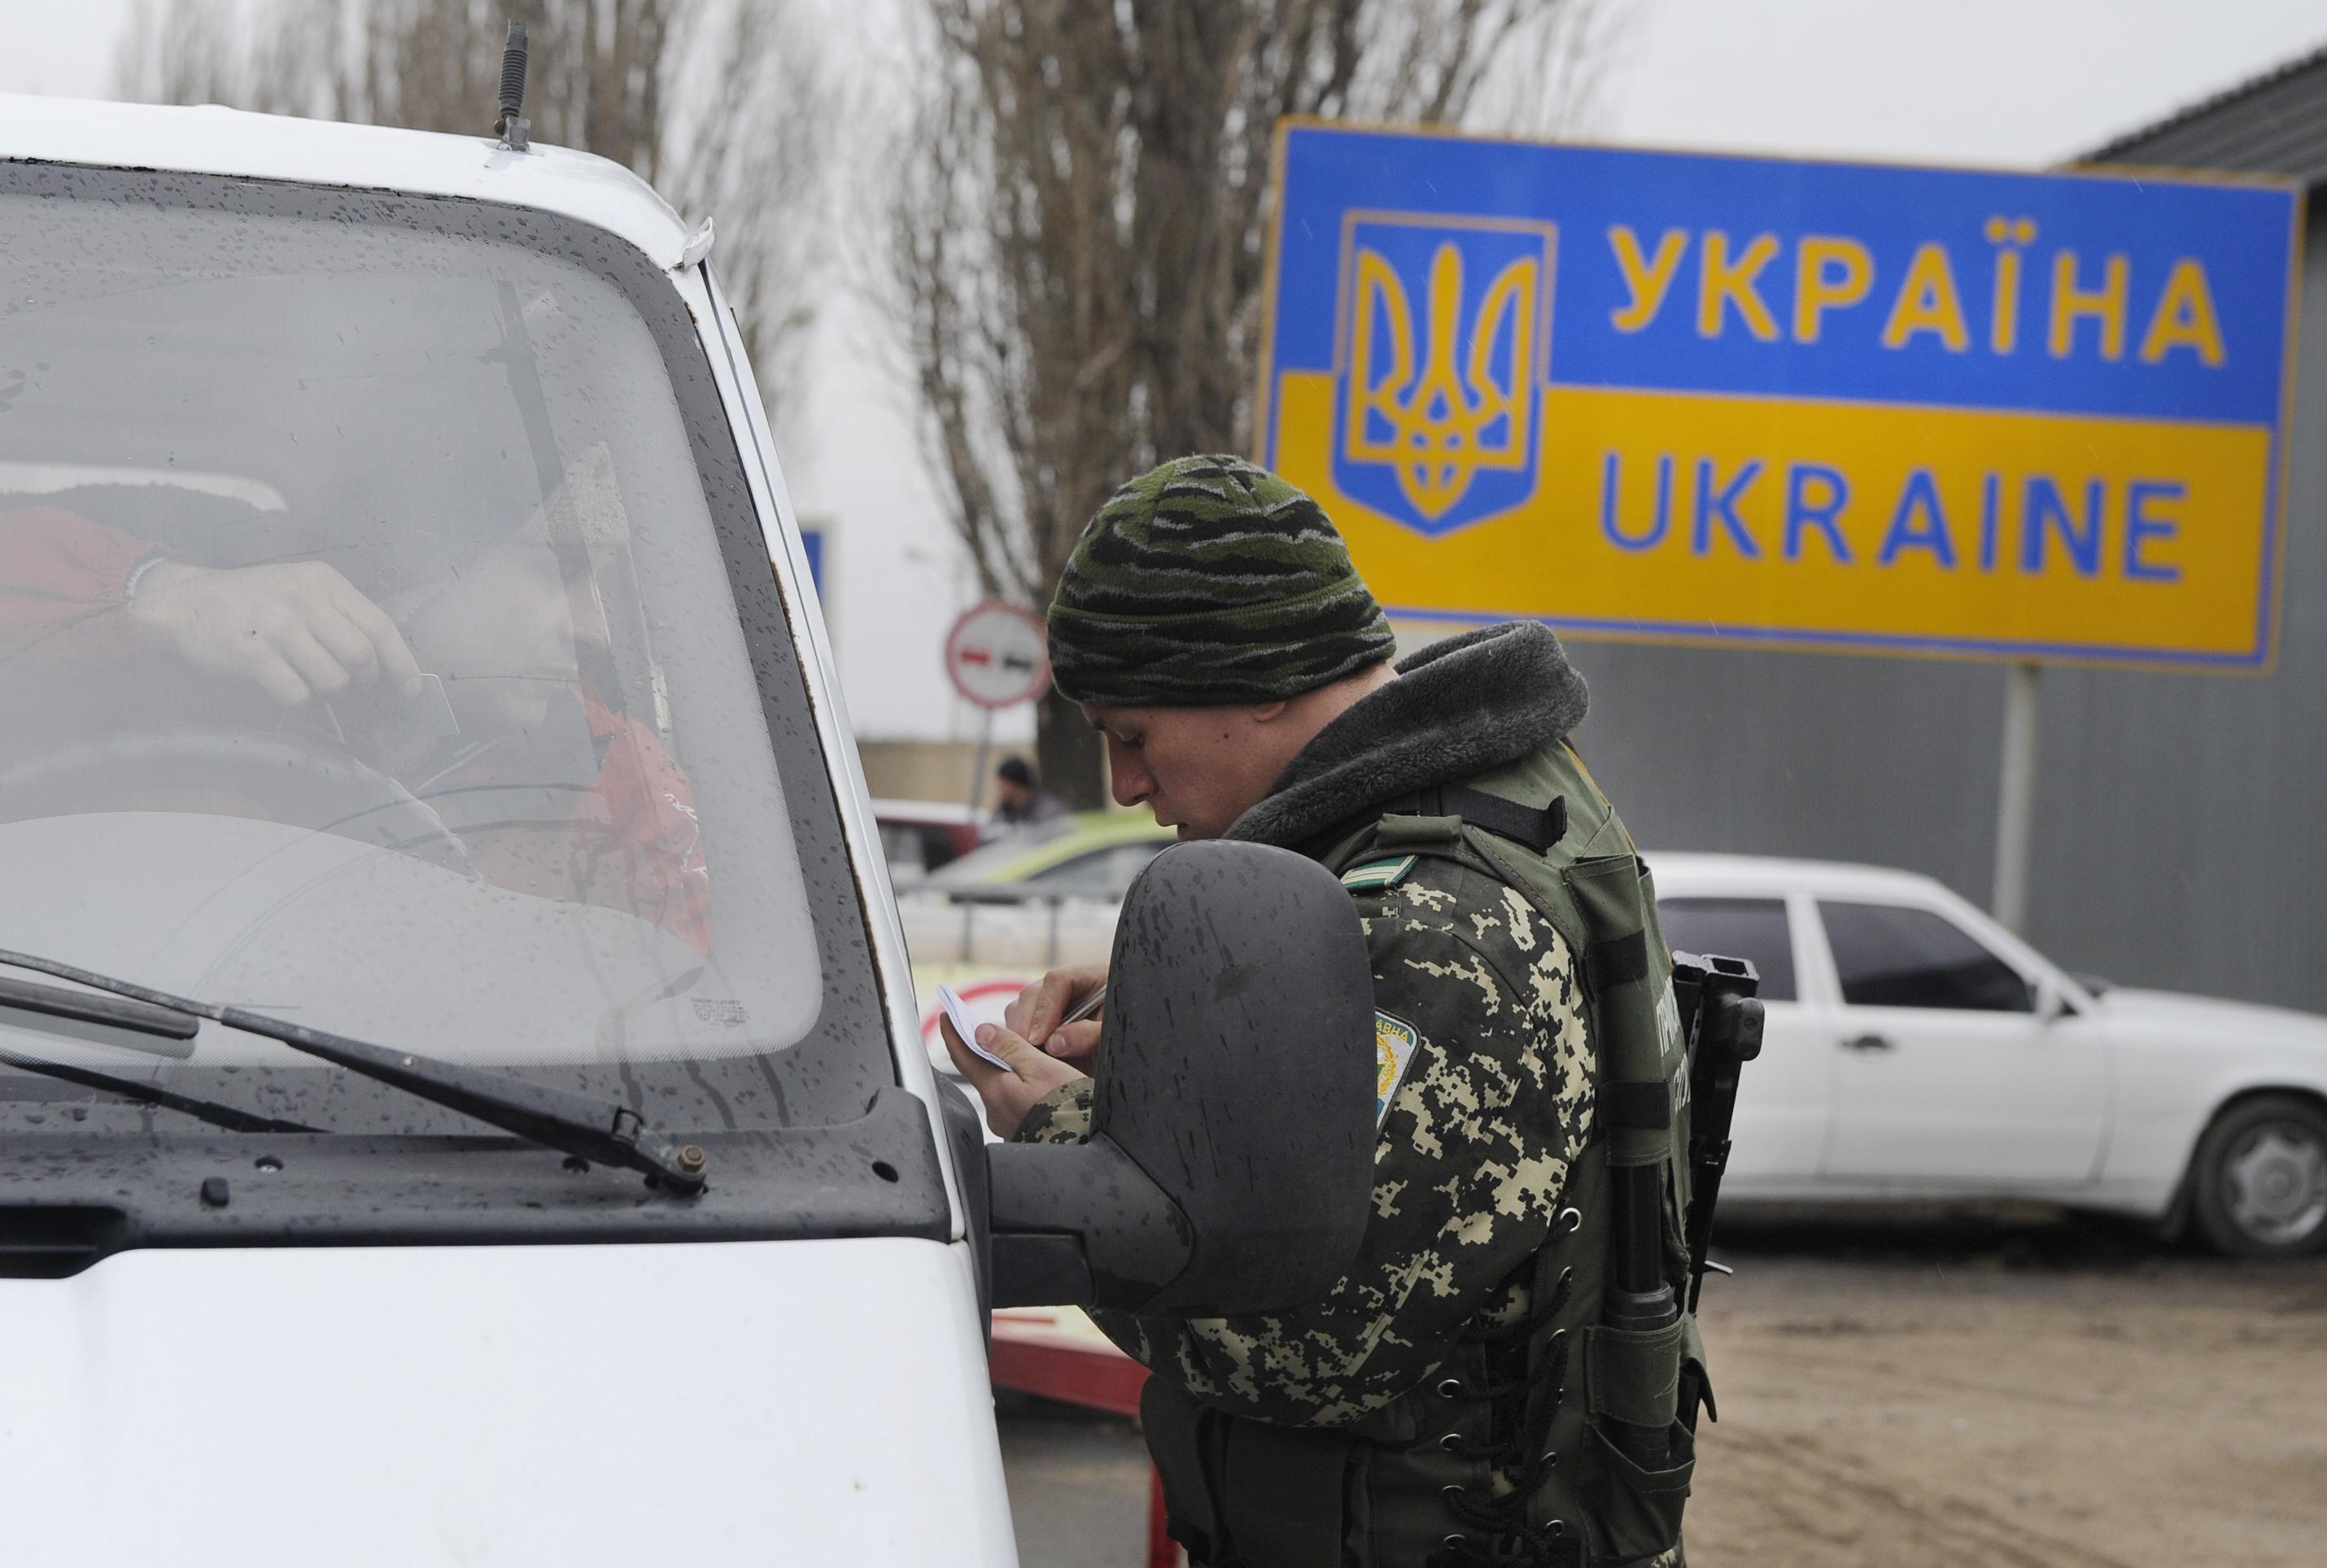 Лавров против расширенного мониторинга границы с Украиной